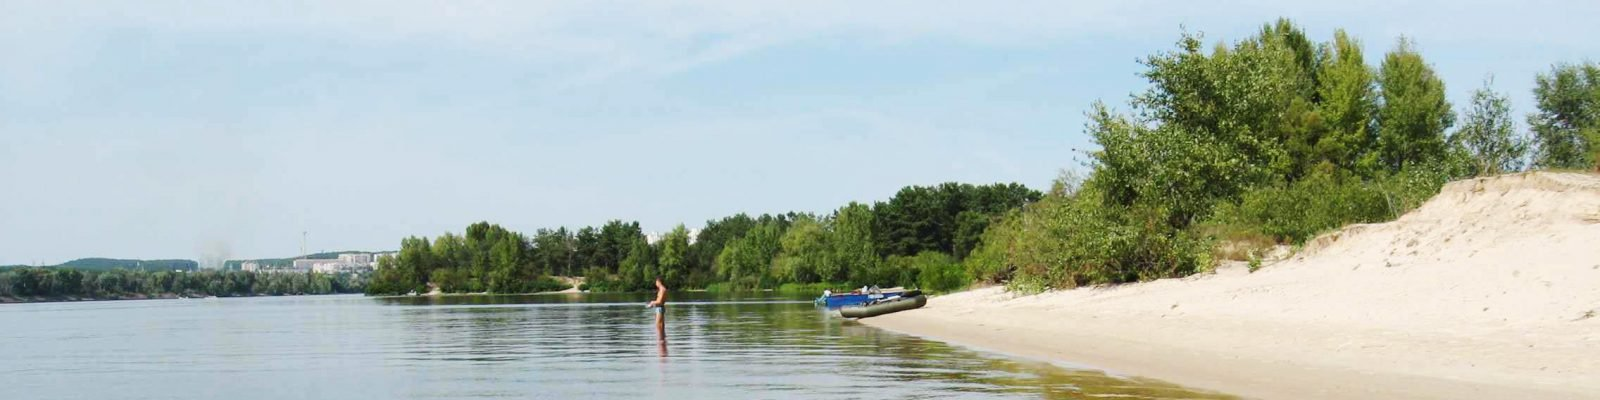 Остров Ольгин - водный отдых на яхте Киев